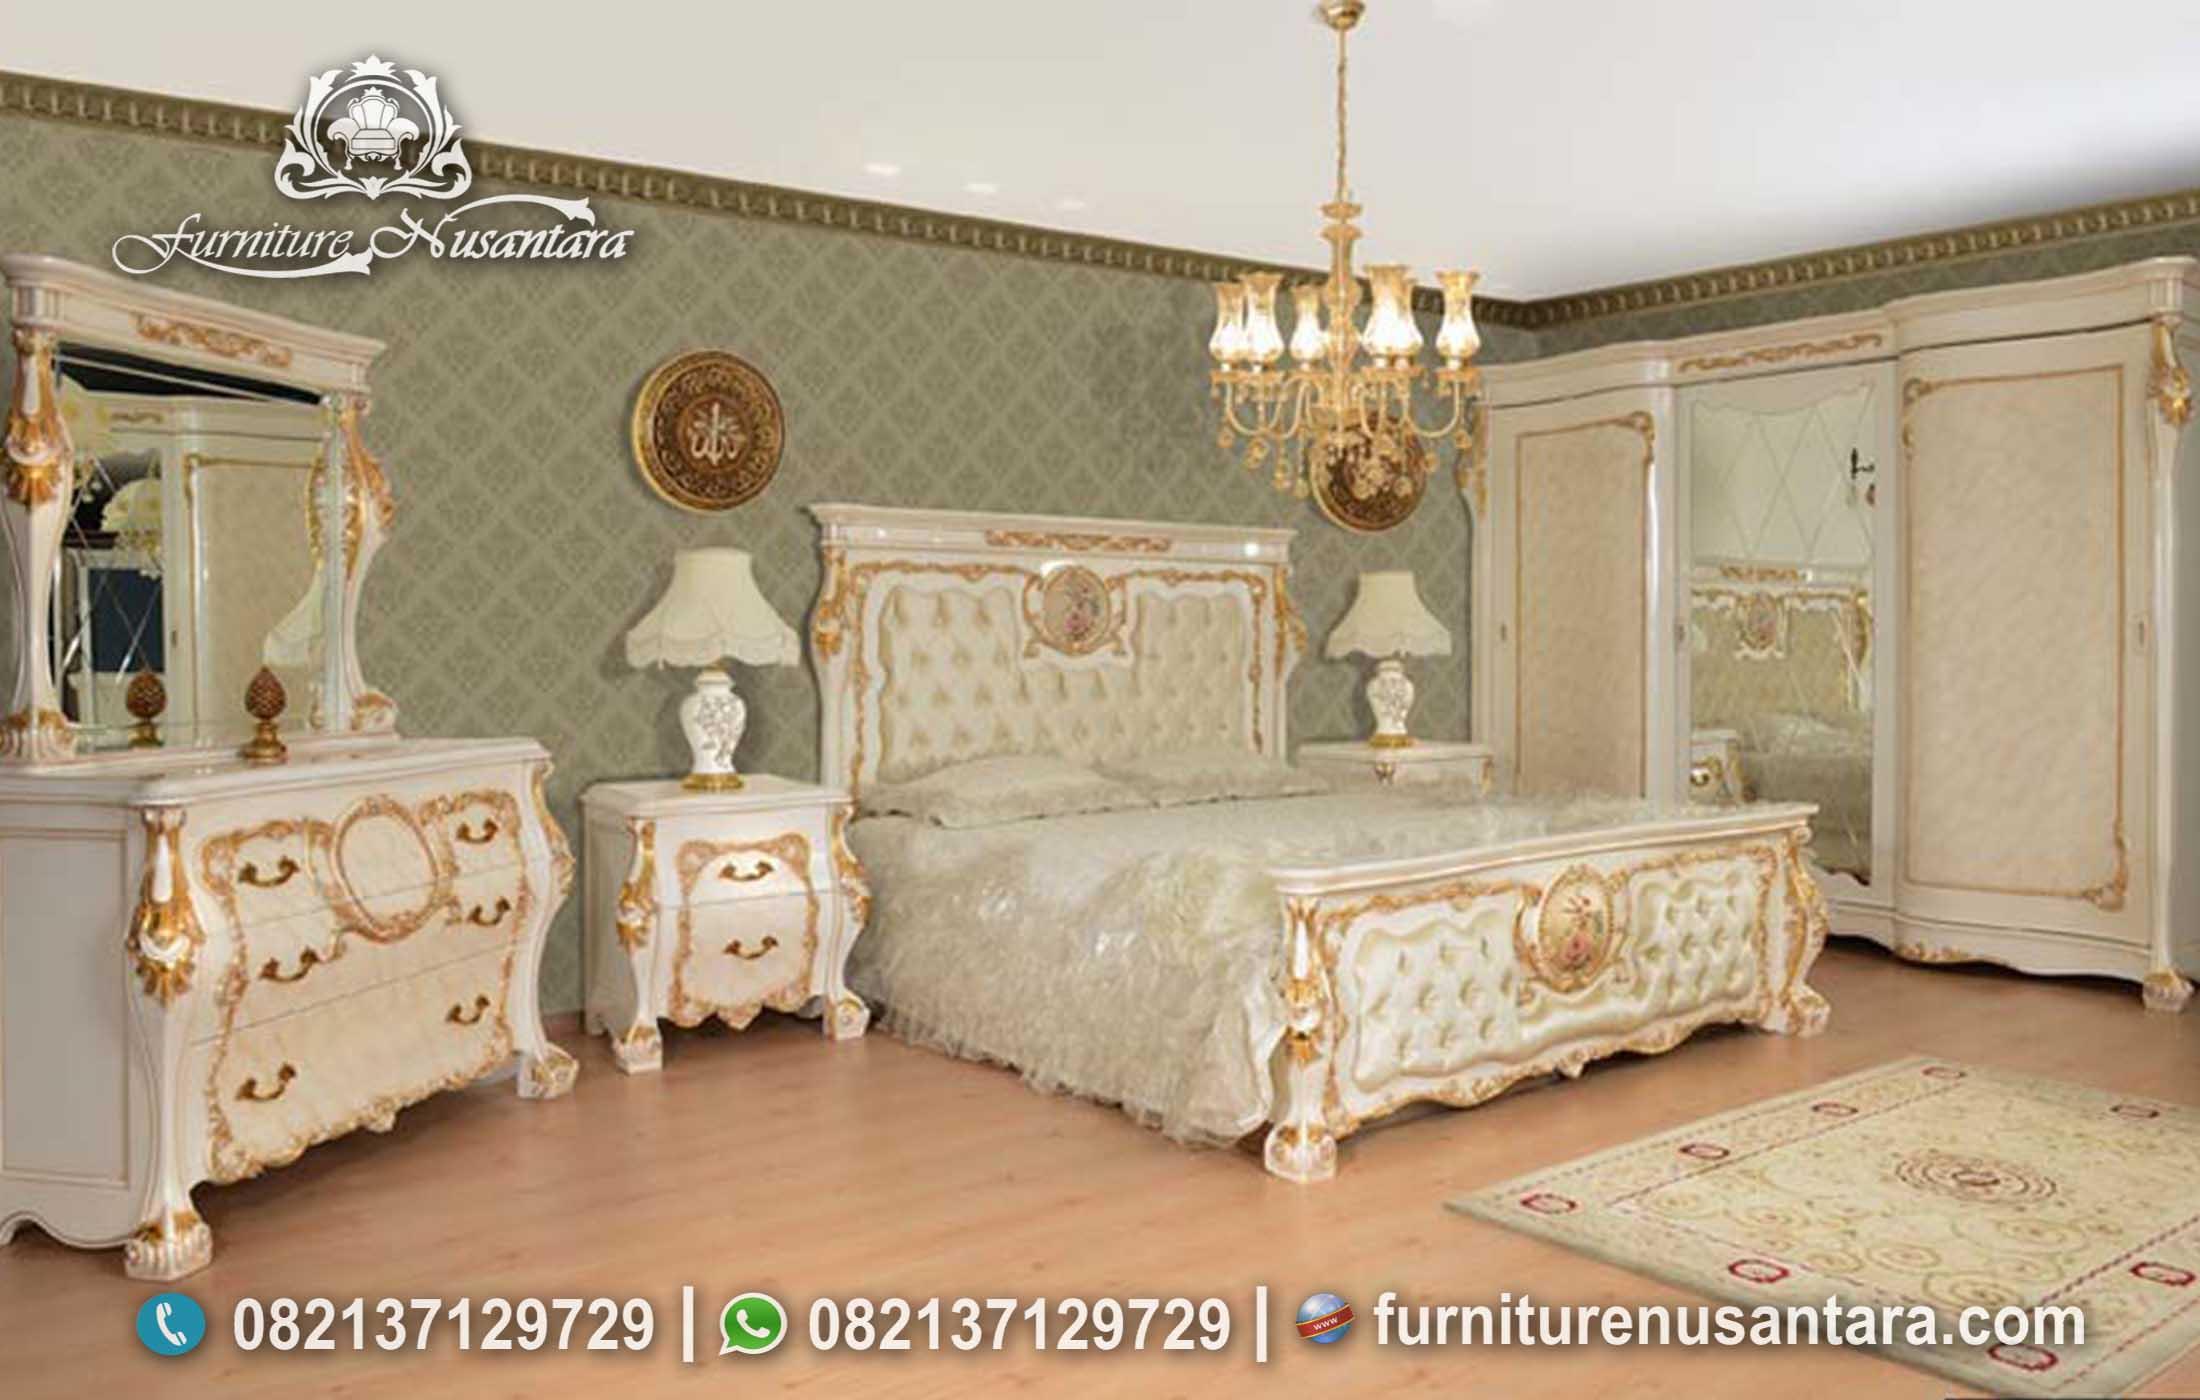 Kamar Set Klasik Putih Soft KS-132, Furniture nusantara